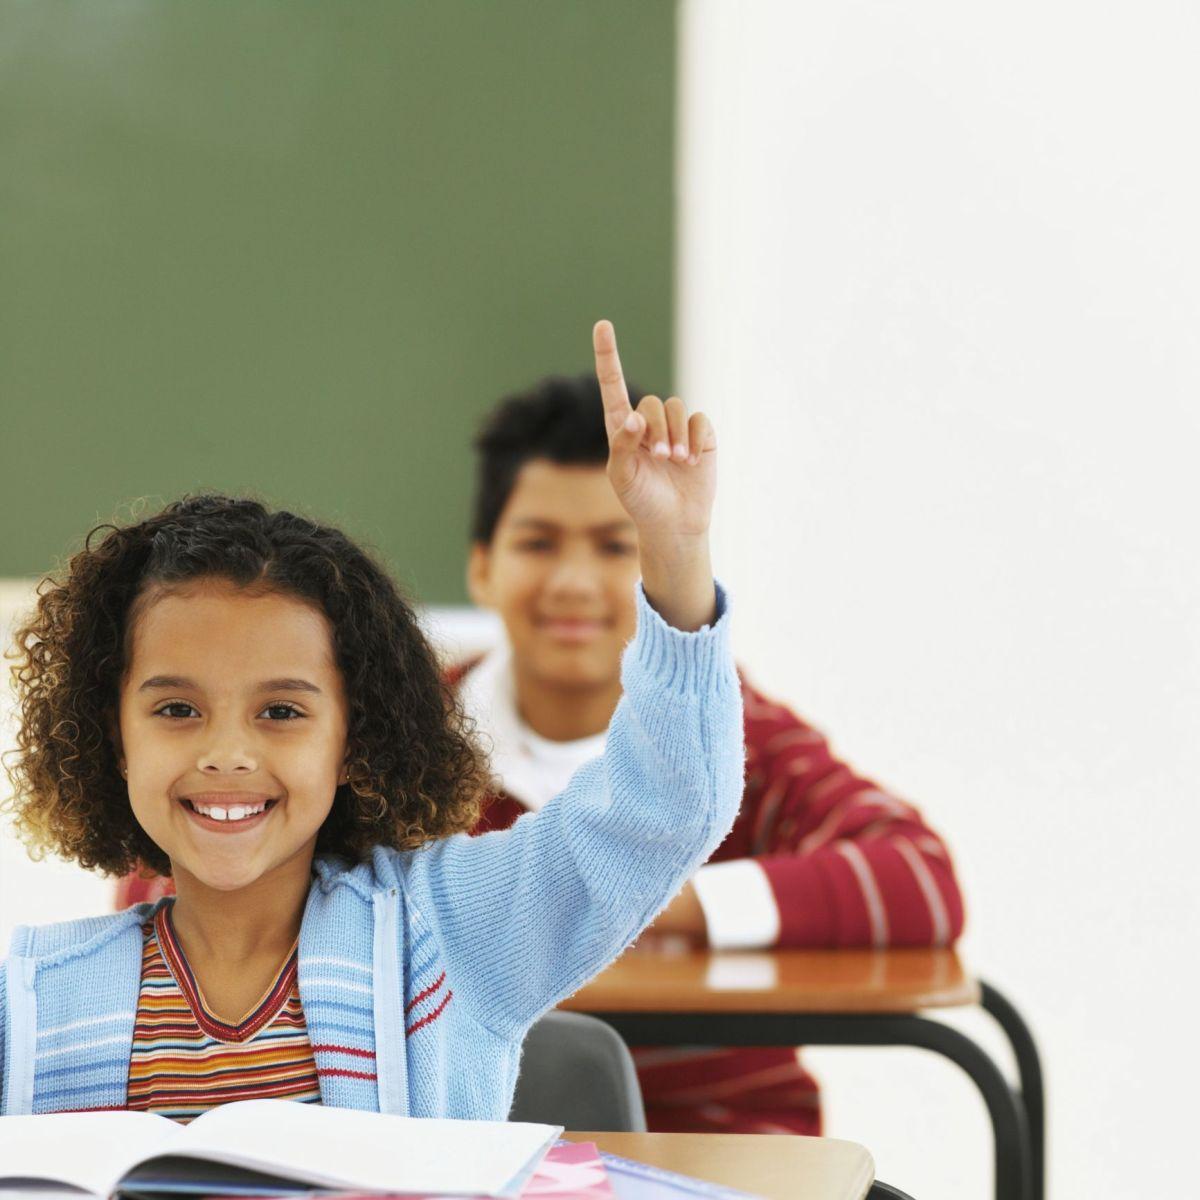 Hay que tener menos alumnos por salón de clase para que aprendan mejor.